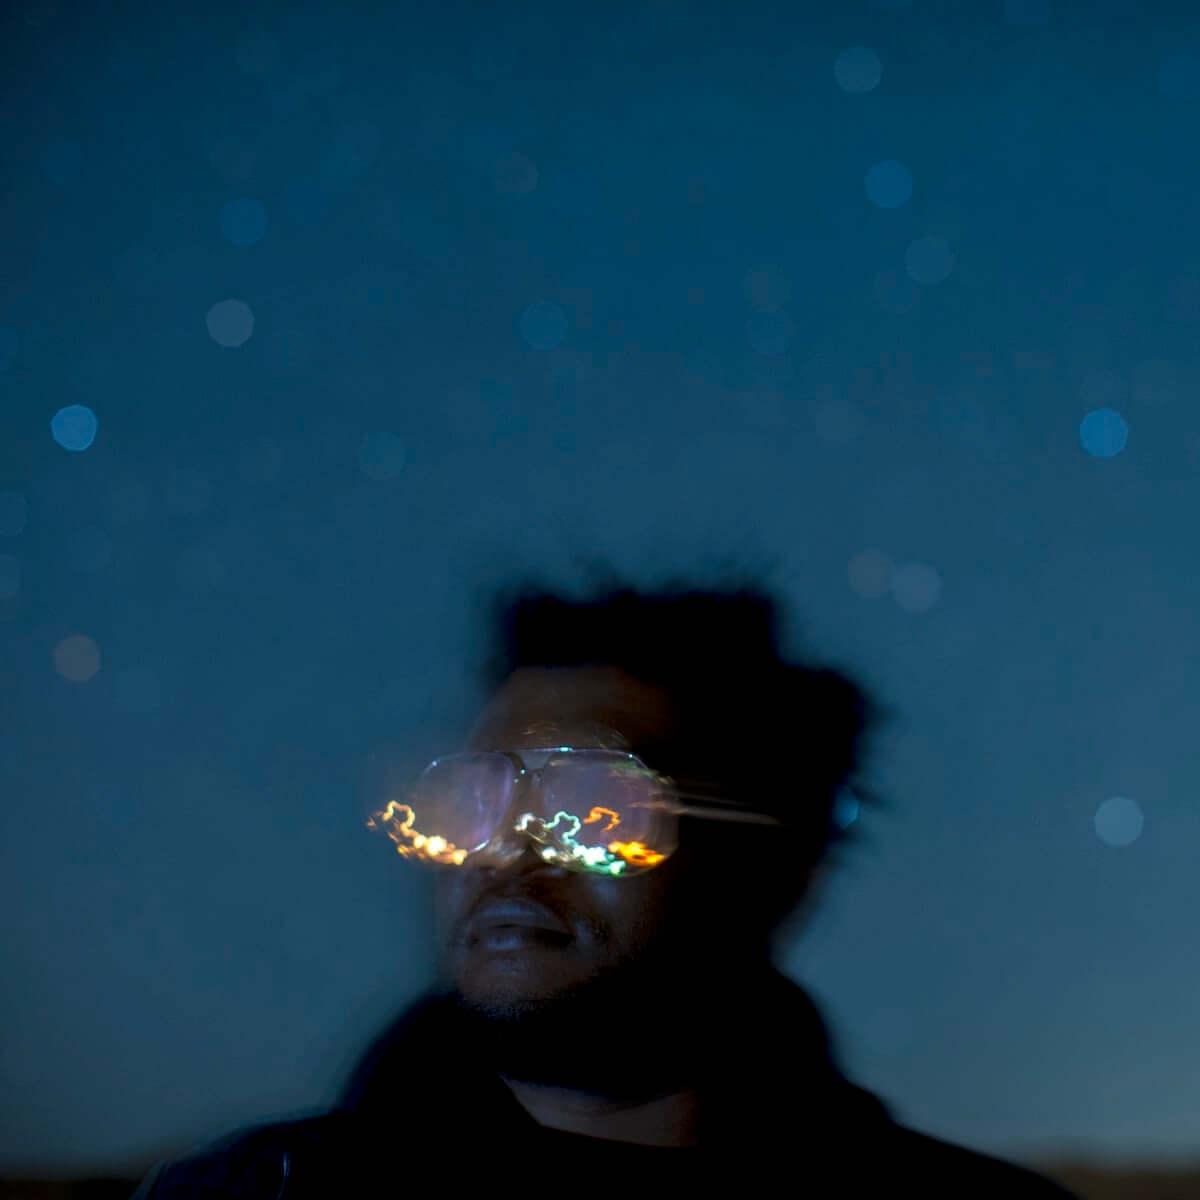 LA新世代ジャズを牽引する「プロフェッサー・ブギー」ことブランドン・コールマンの新曲MVが公開 music180904-brandon-coleman-1-1200x1200